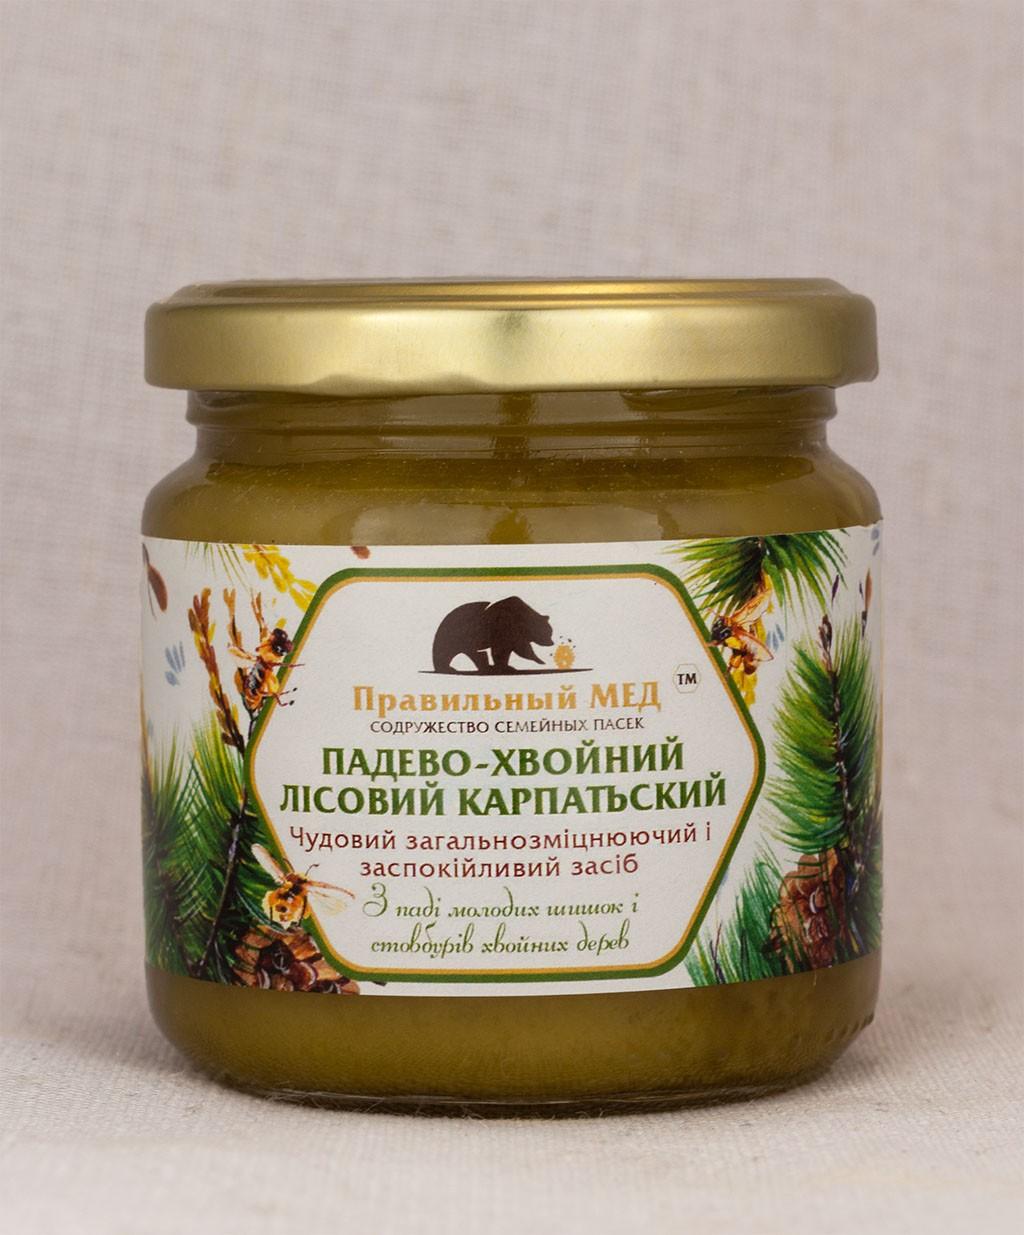 Мёд падево-хвойный (Лесной Карпатский)